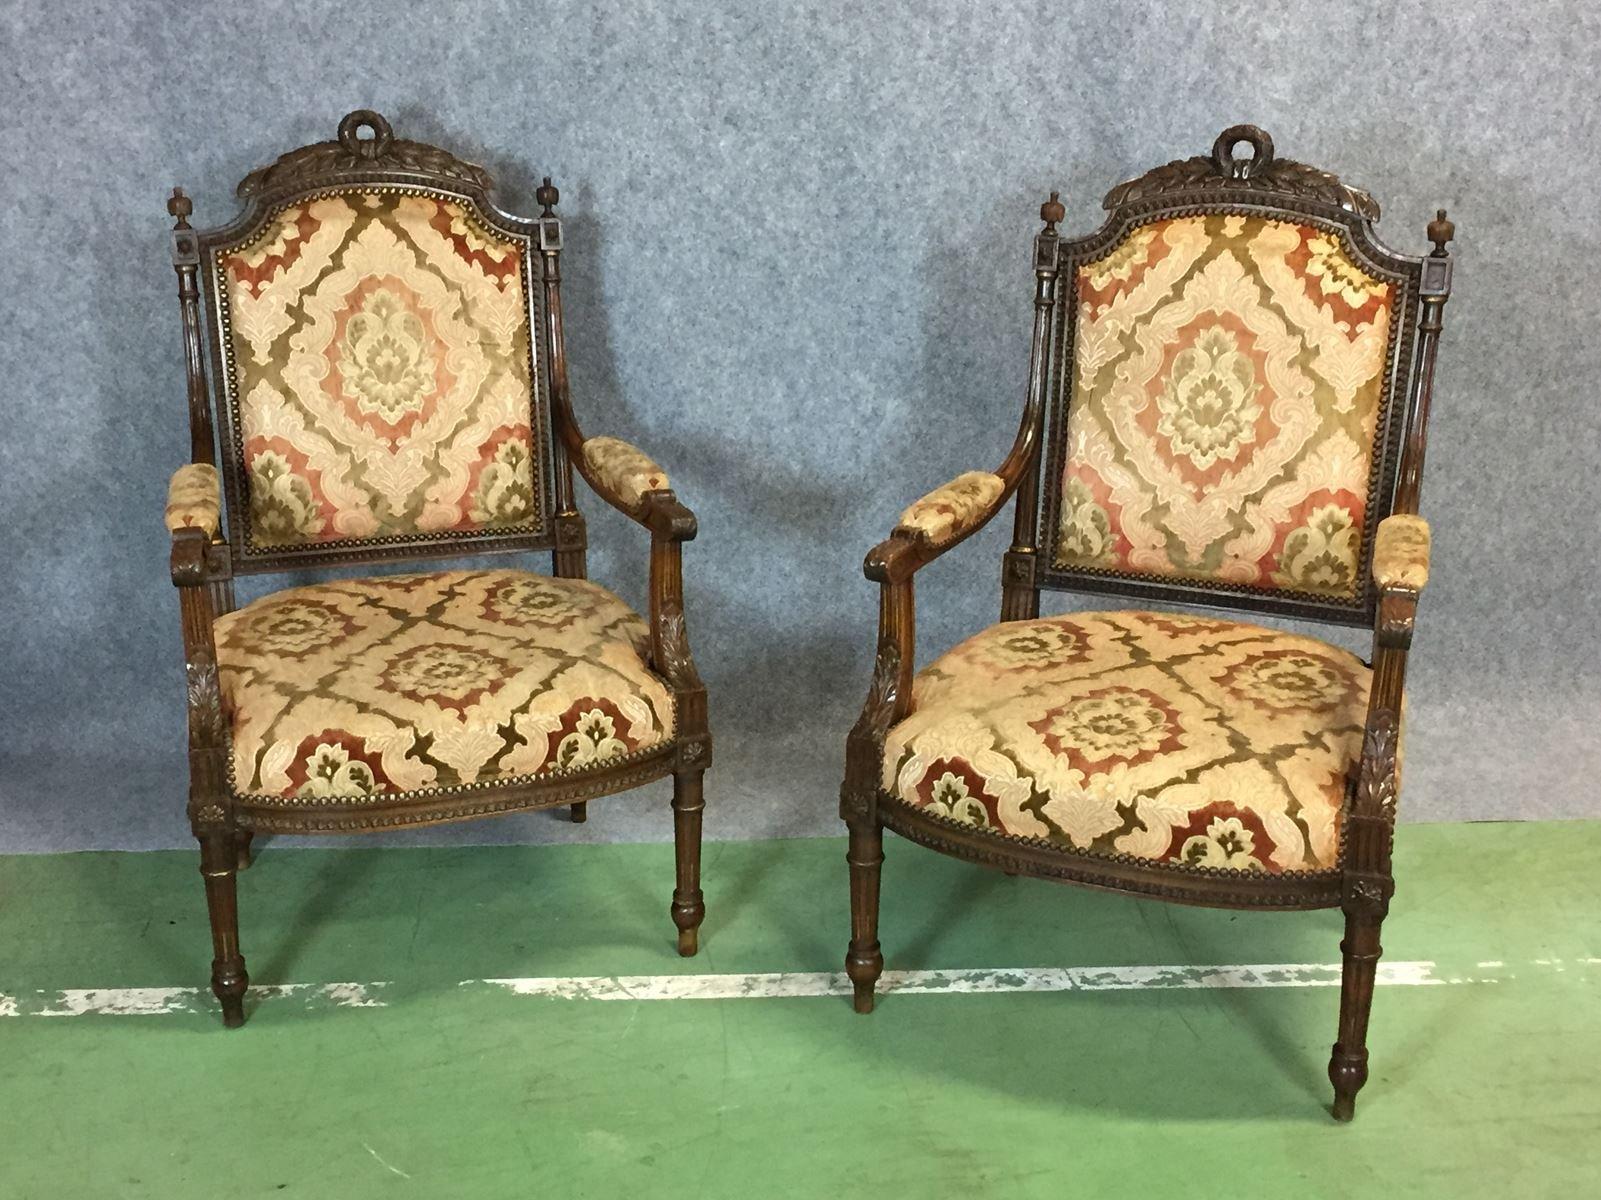 Vintage Wohnzimmer Set Im Louis XVI Stil 12. 3.749,00 CHF